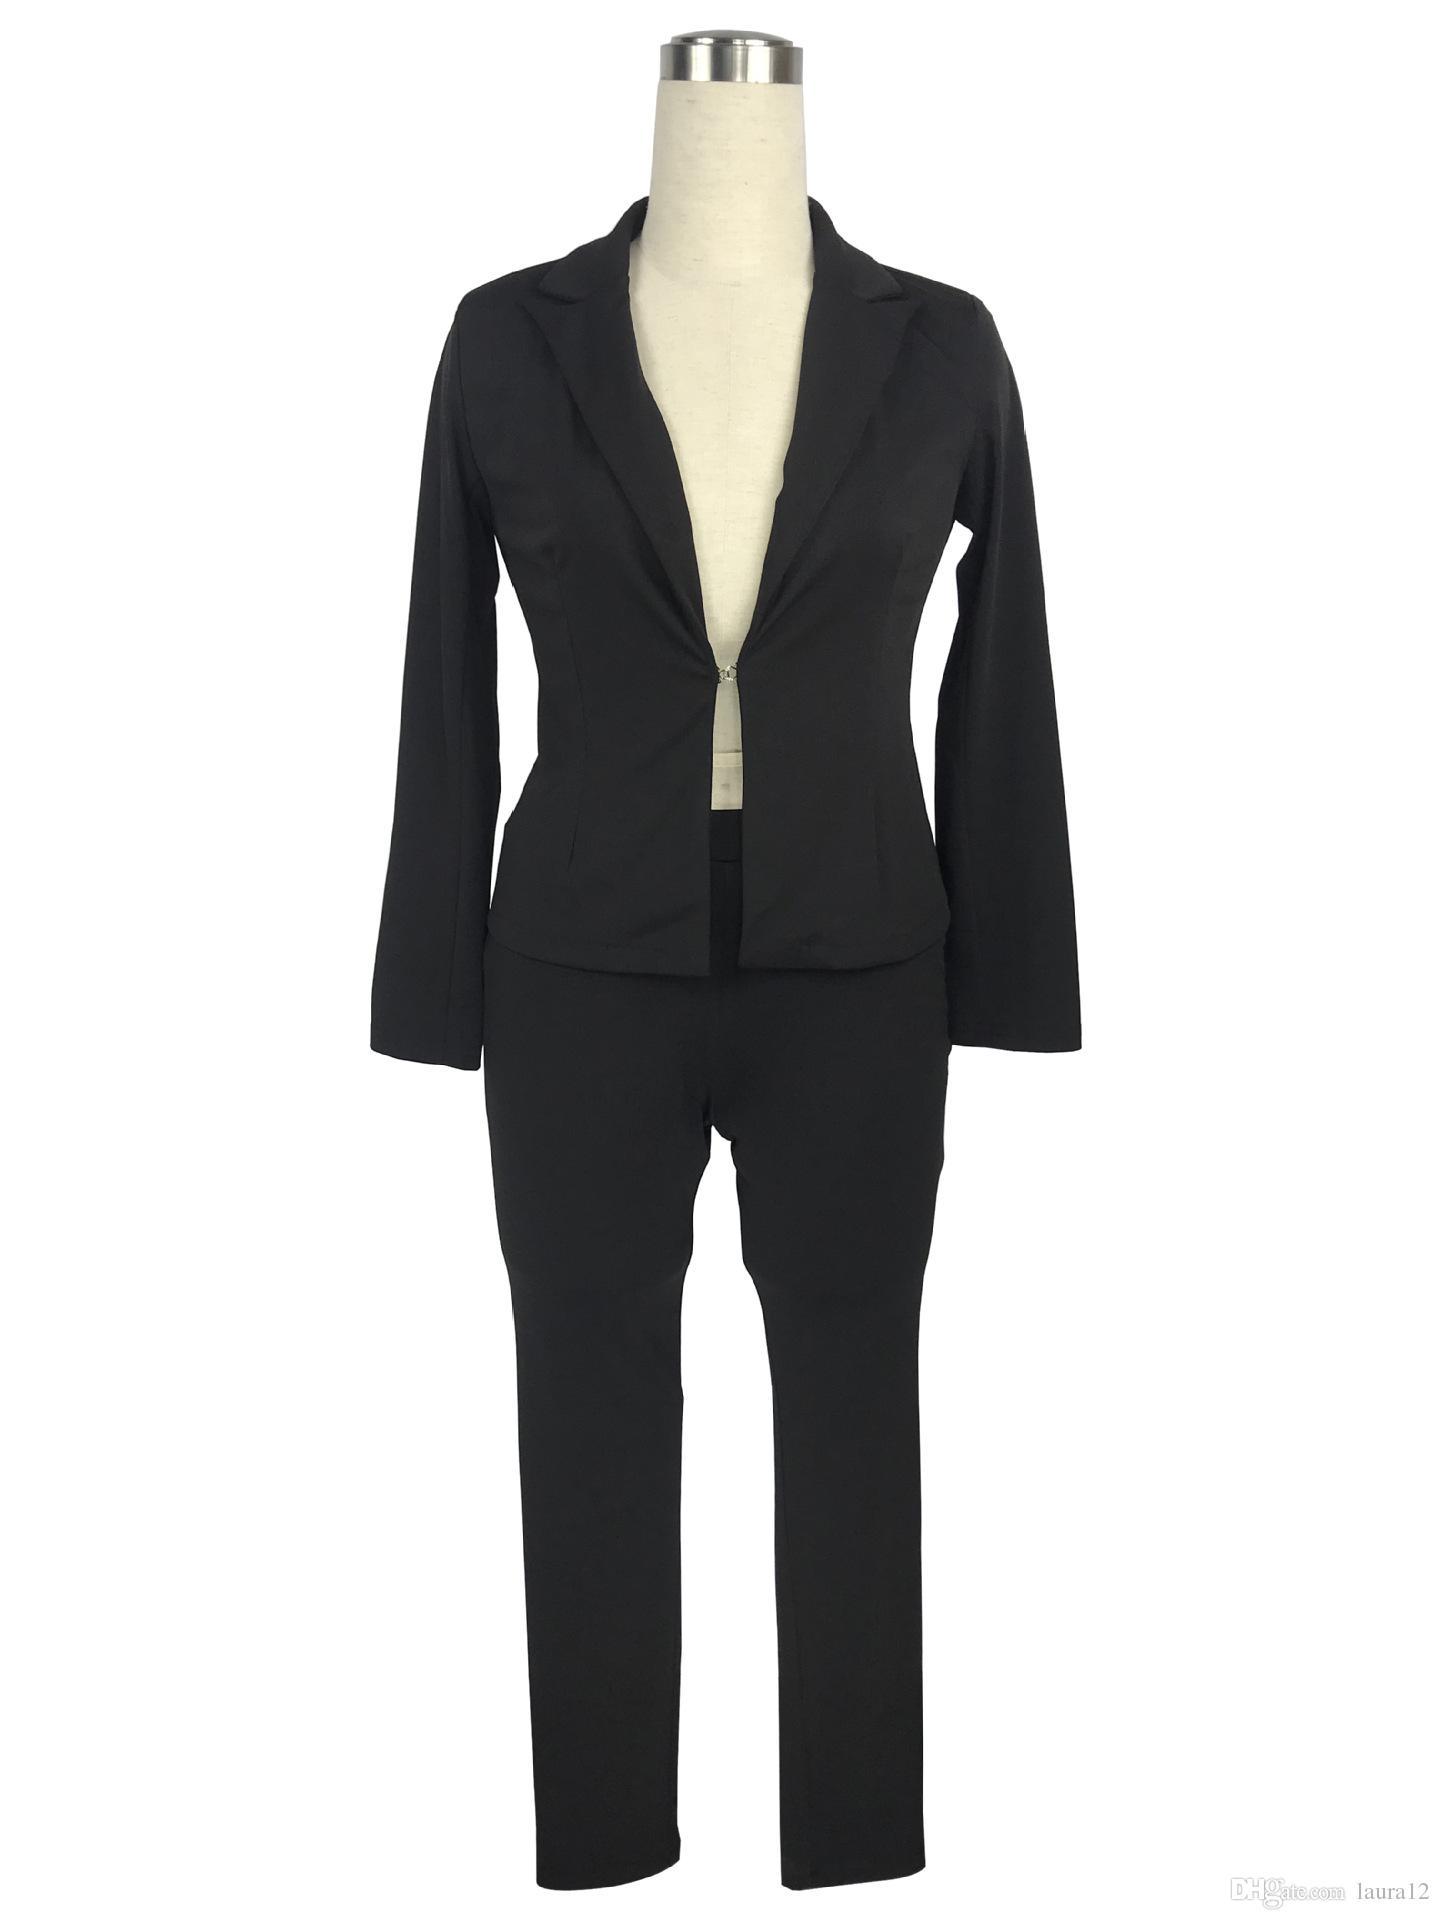 Hot Sale Elegant Women Pants Suits 2018 Spring Autumn Long Sleeve Lapel Neck Jacket and Pants Sets OL Women Coat Blazers Suits